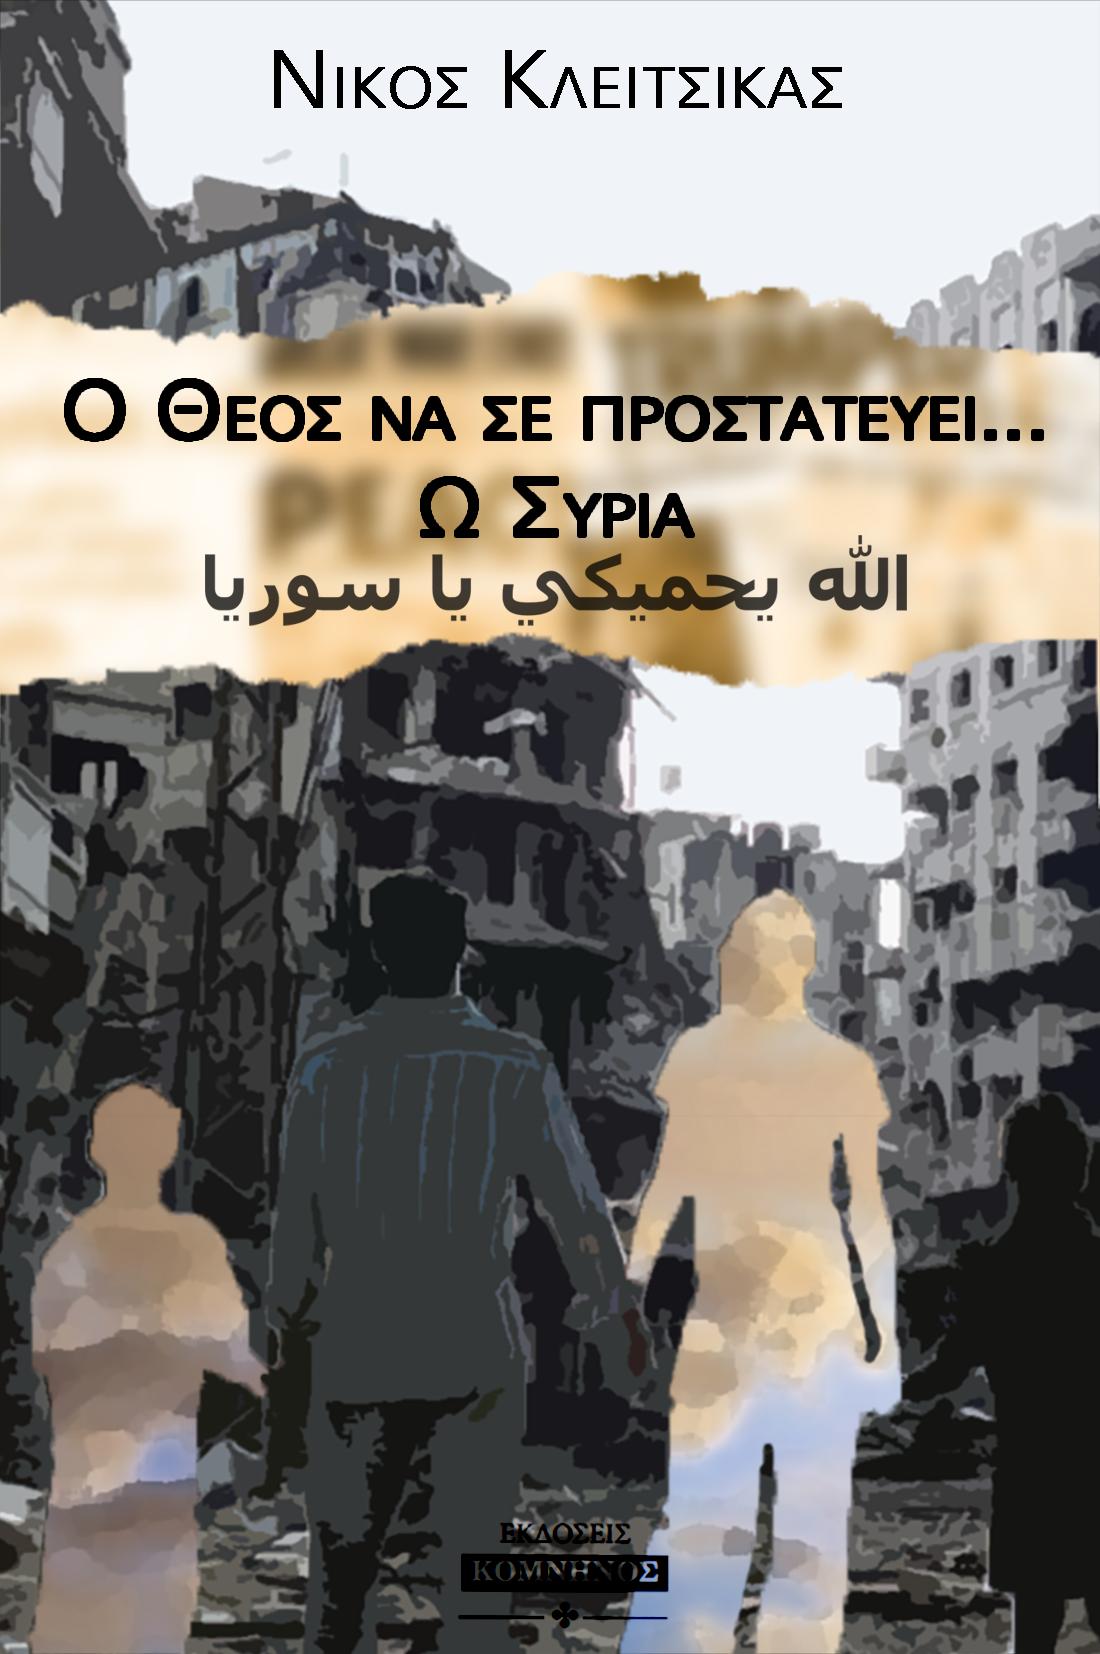 Ο ΘΕΟΣ ΝΑ ΣΕ ΠΡΟΣΤΑΤΕΥΕΙ Ω ΣΥΡΙΑ